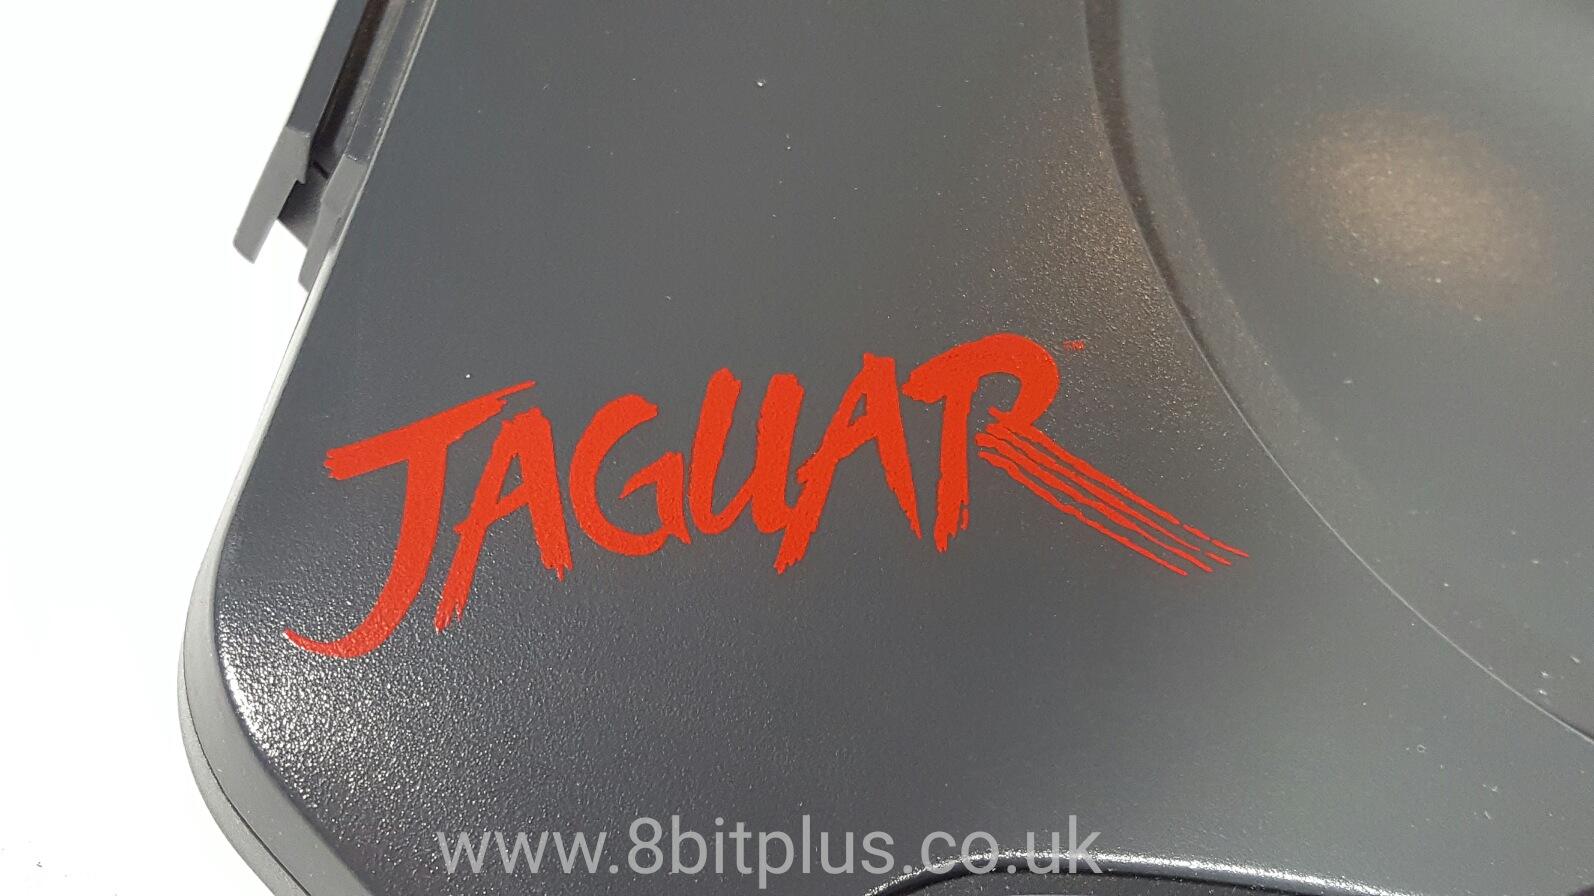 Atari_Jaguar_02_wm